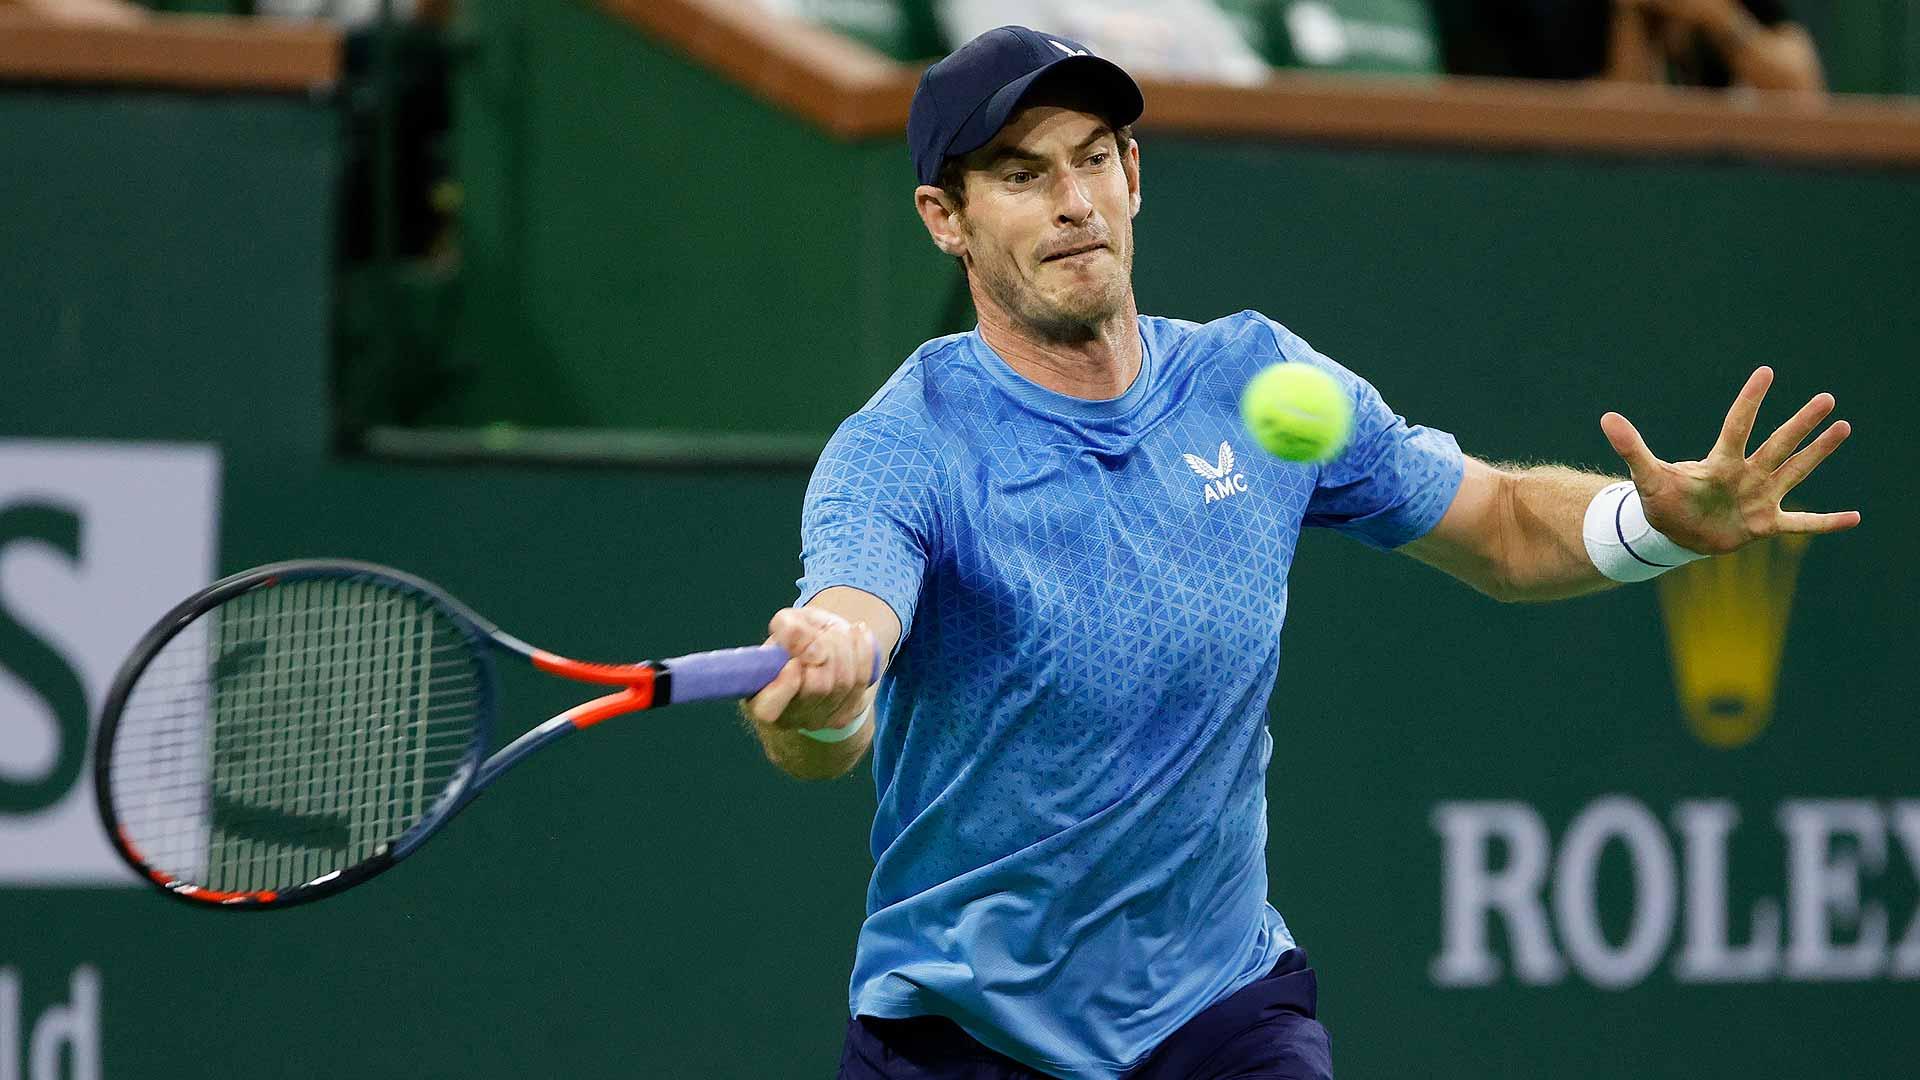 murray indian wells 2021 friday - ATP Indian Wells: Murray izpadel, izločil ga je nemški olimpijski prvak Zverev